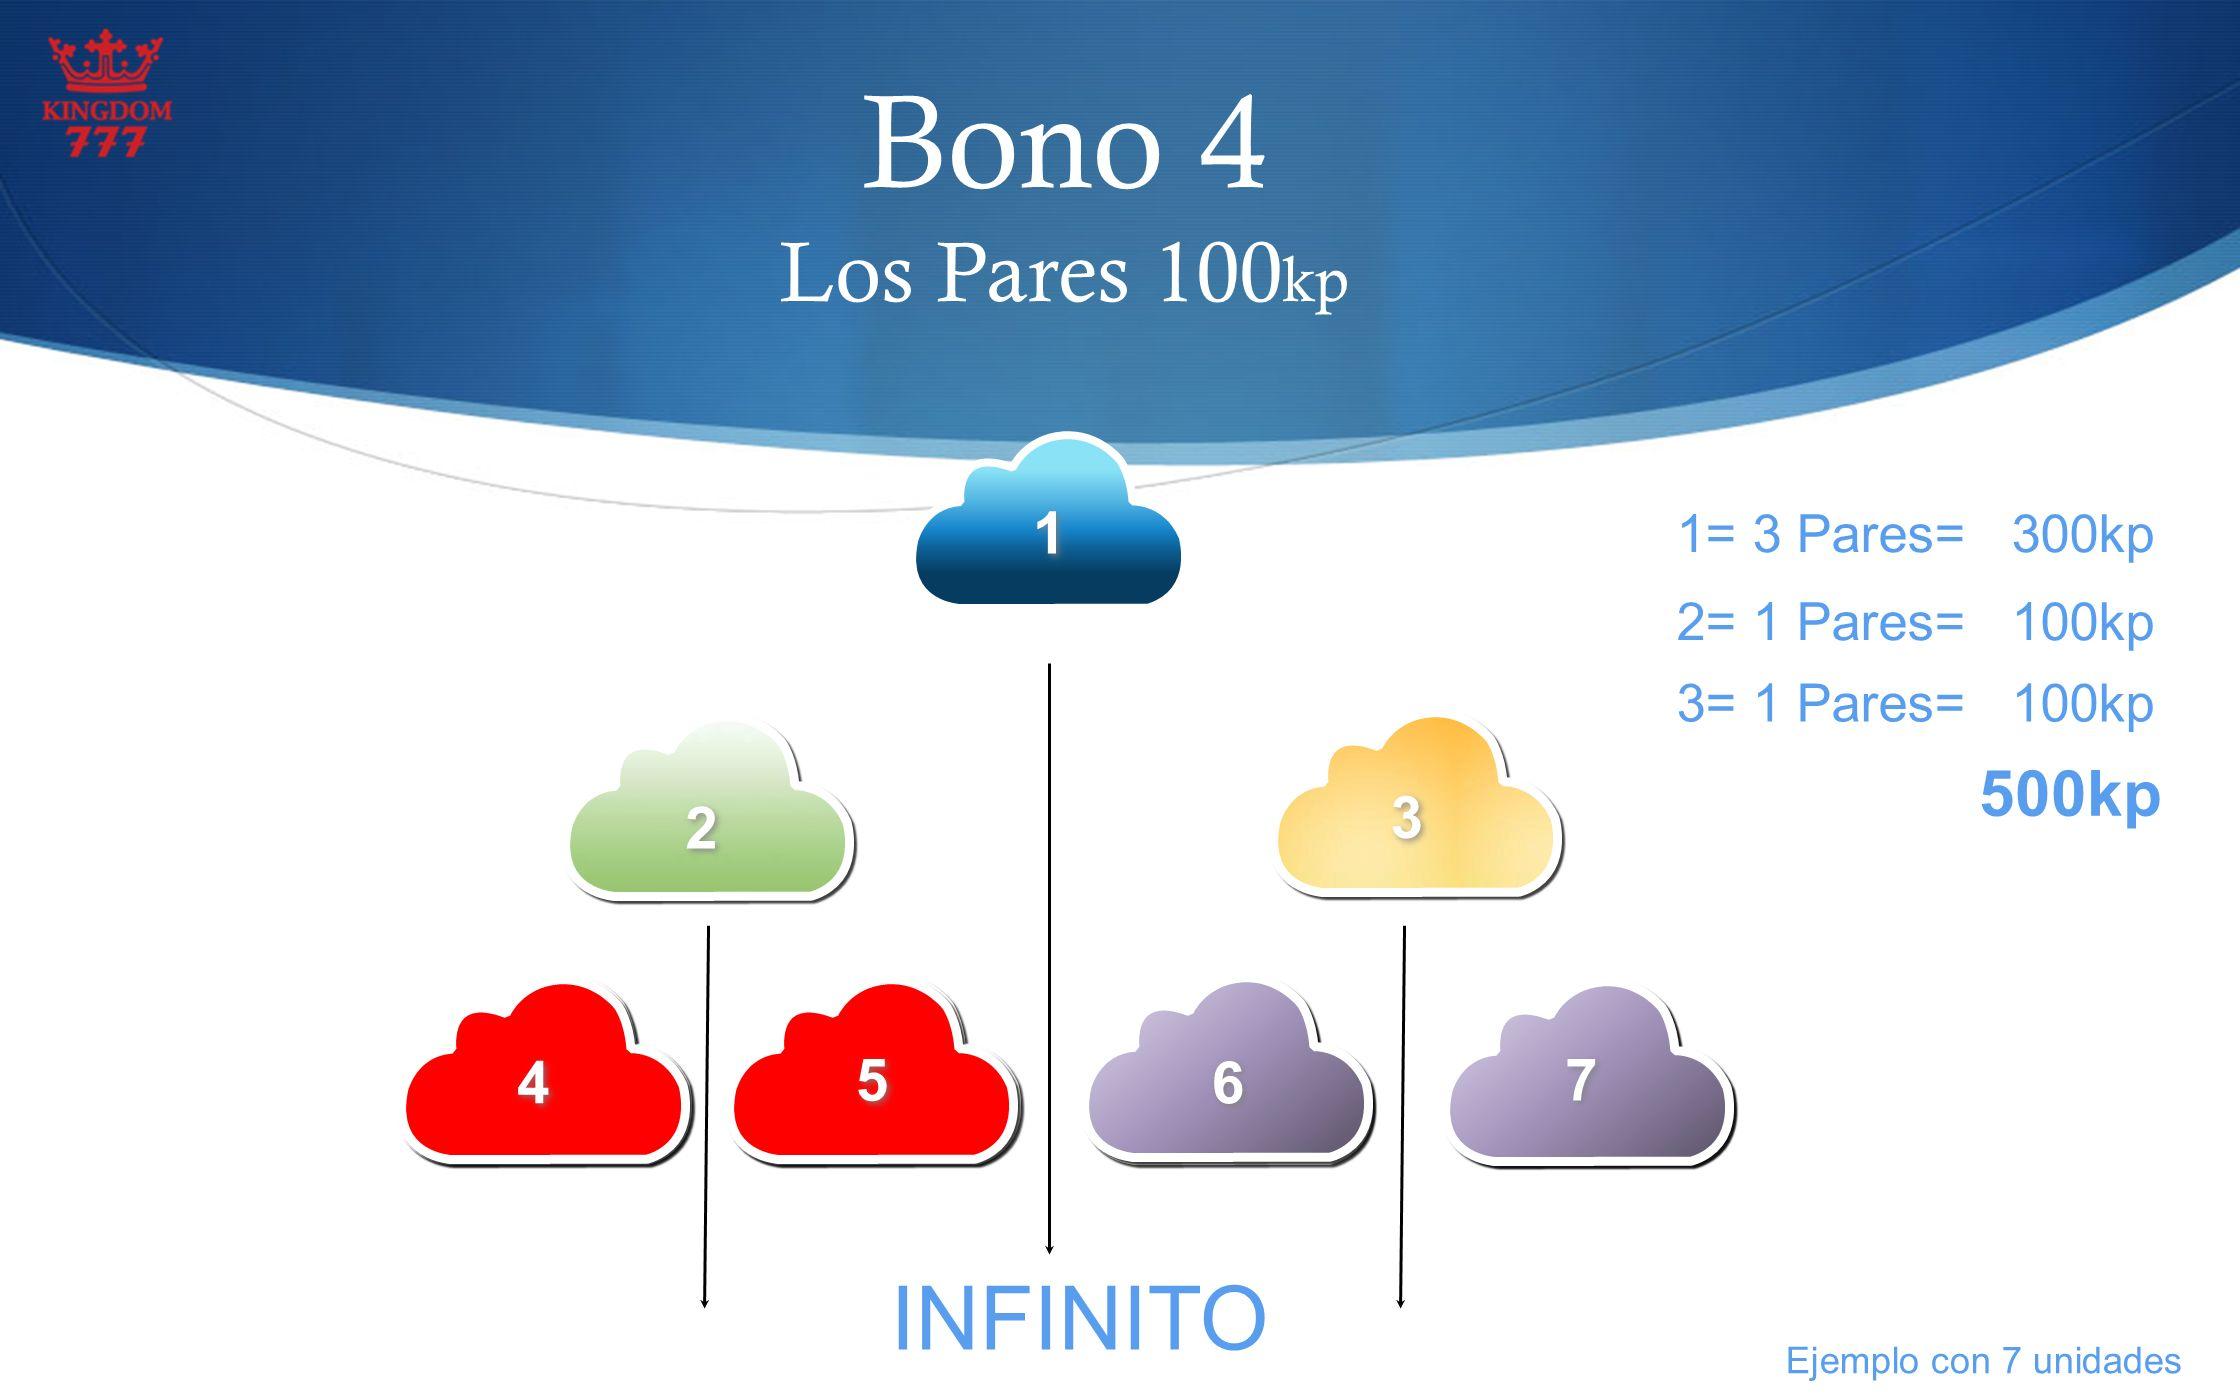 Bono 4 Los Pares 100 kp 1 1 1= 3 Pares= 300kp 2 2 3 3 4 4 5 5 6 6 7 7 2= 1 Pares= 100kp 3= 1 Pares= 100kp 500kp INFINITO Ejemplo con 7 unidades